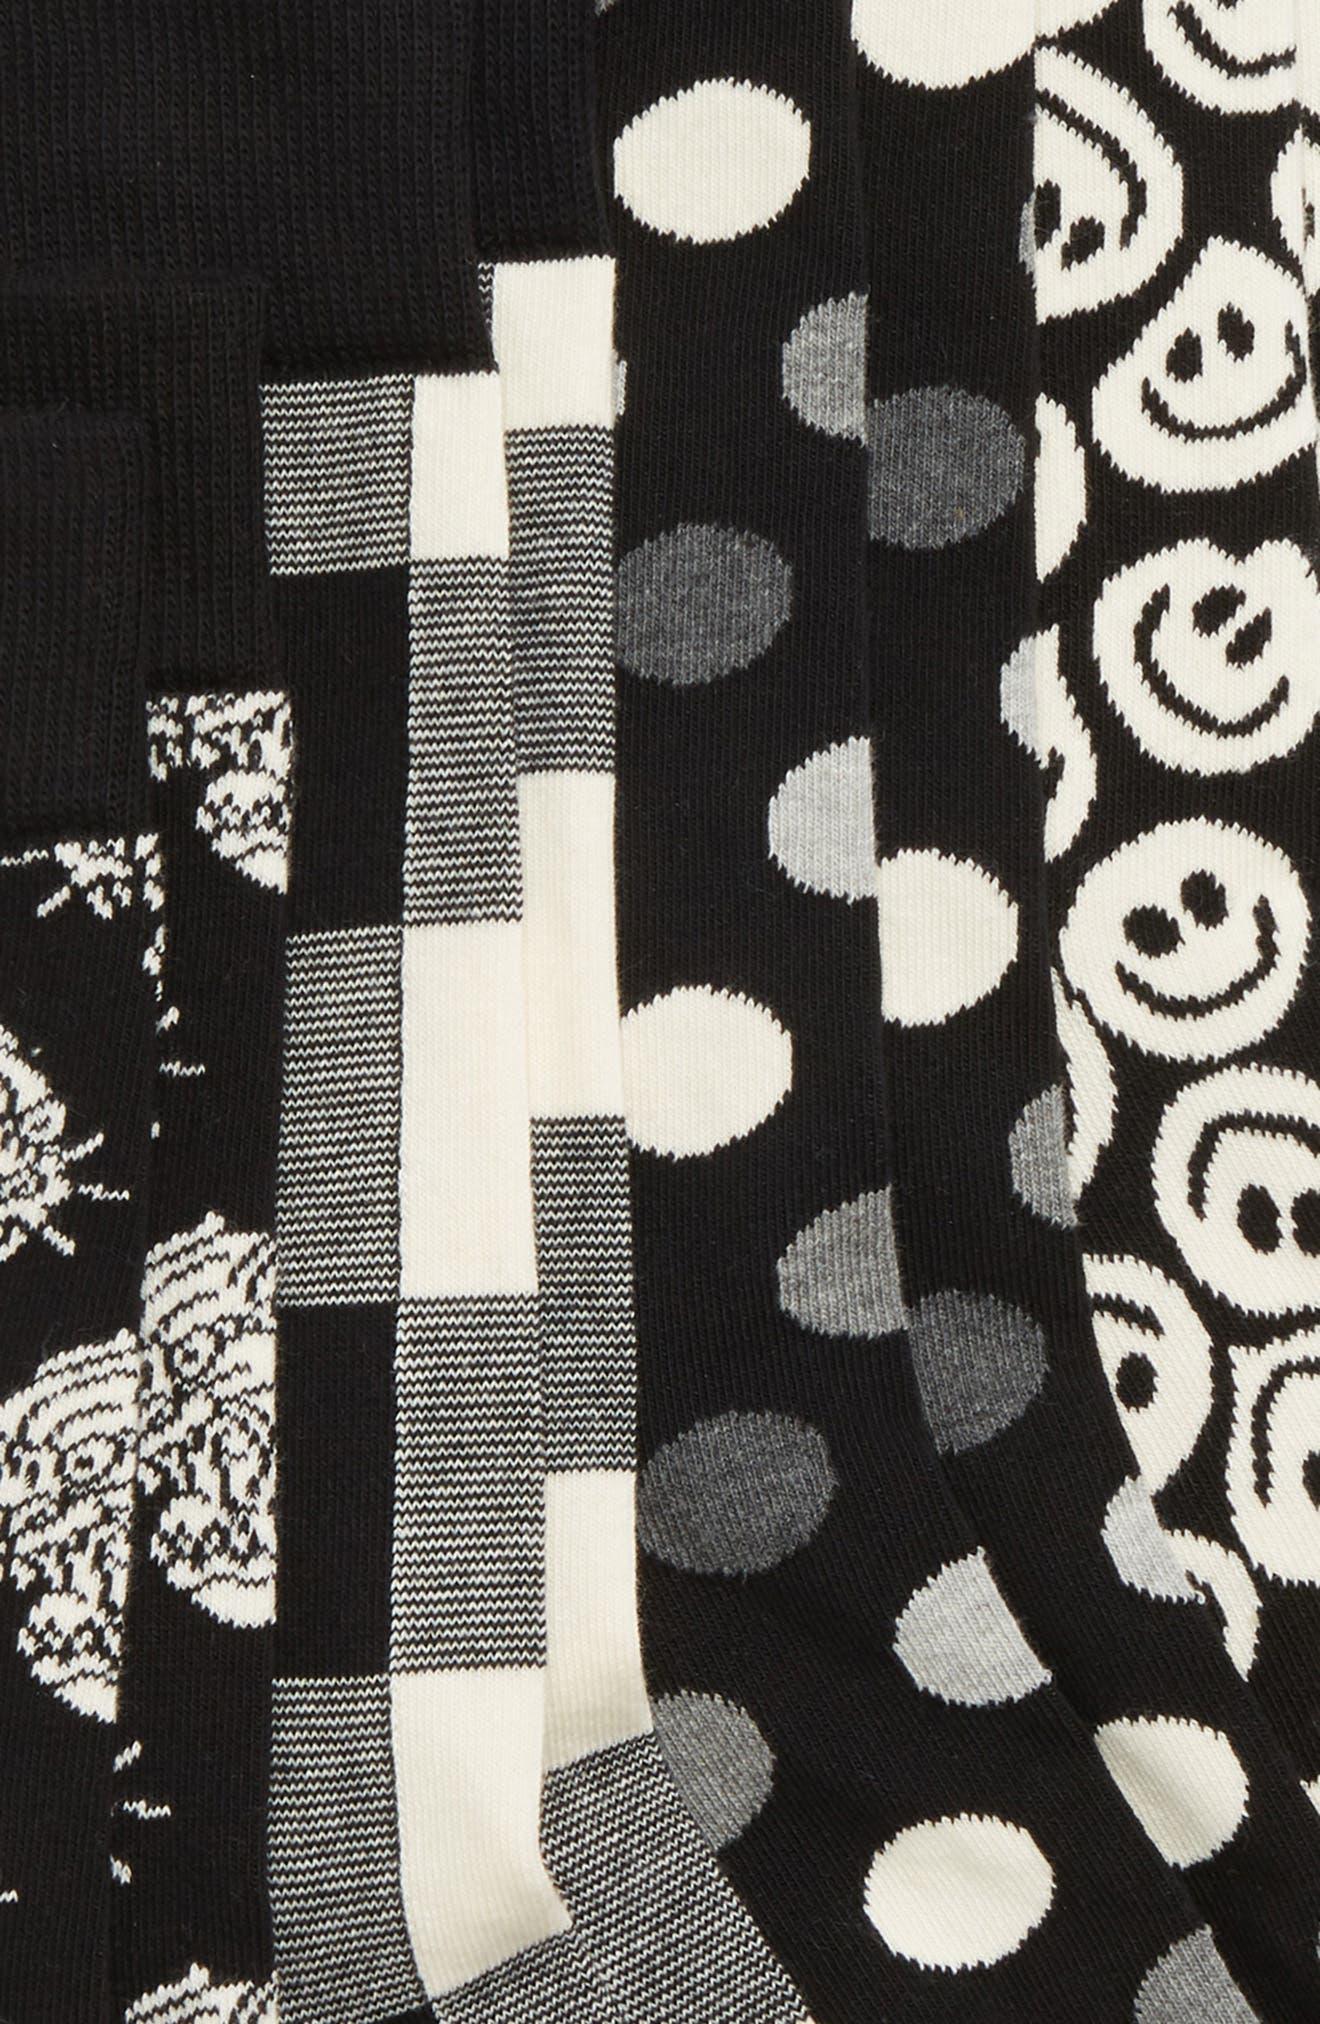 HAPPY SOCKS Black & White 4-Pack Box Set Socks in Black/ White